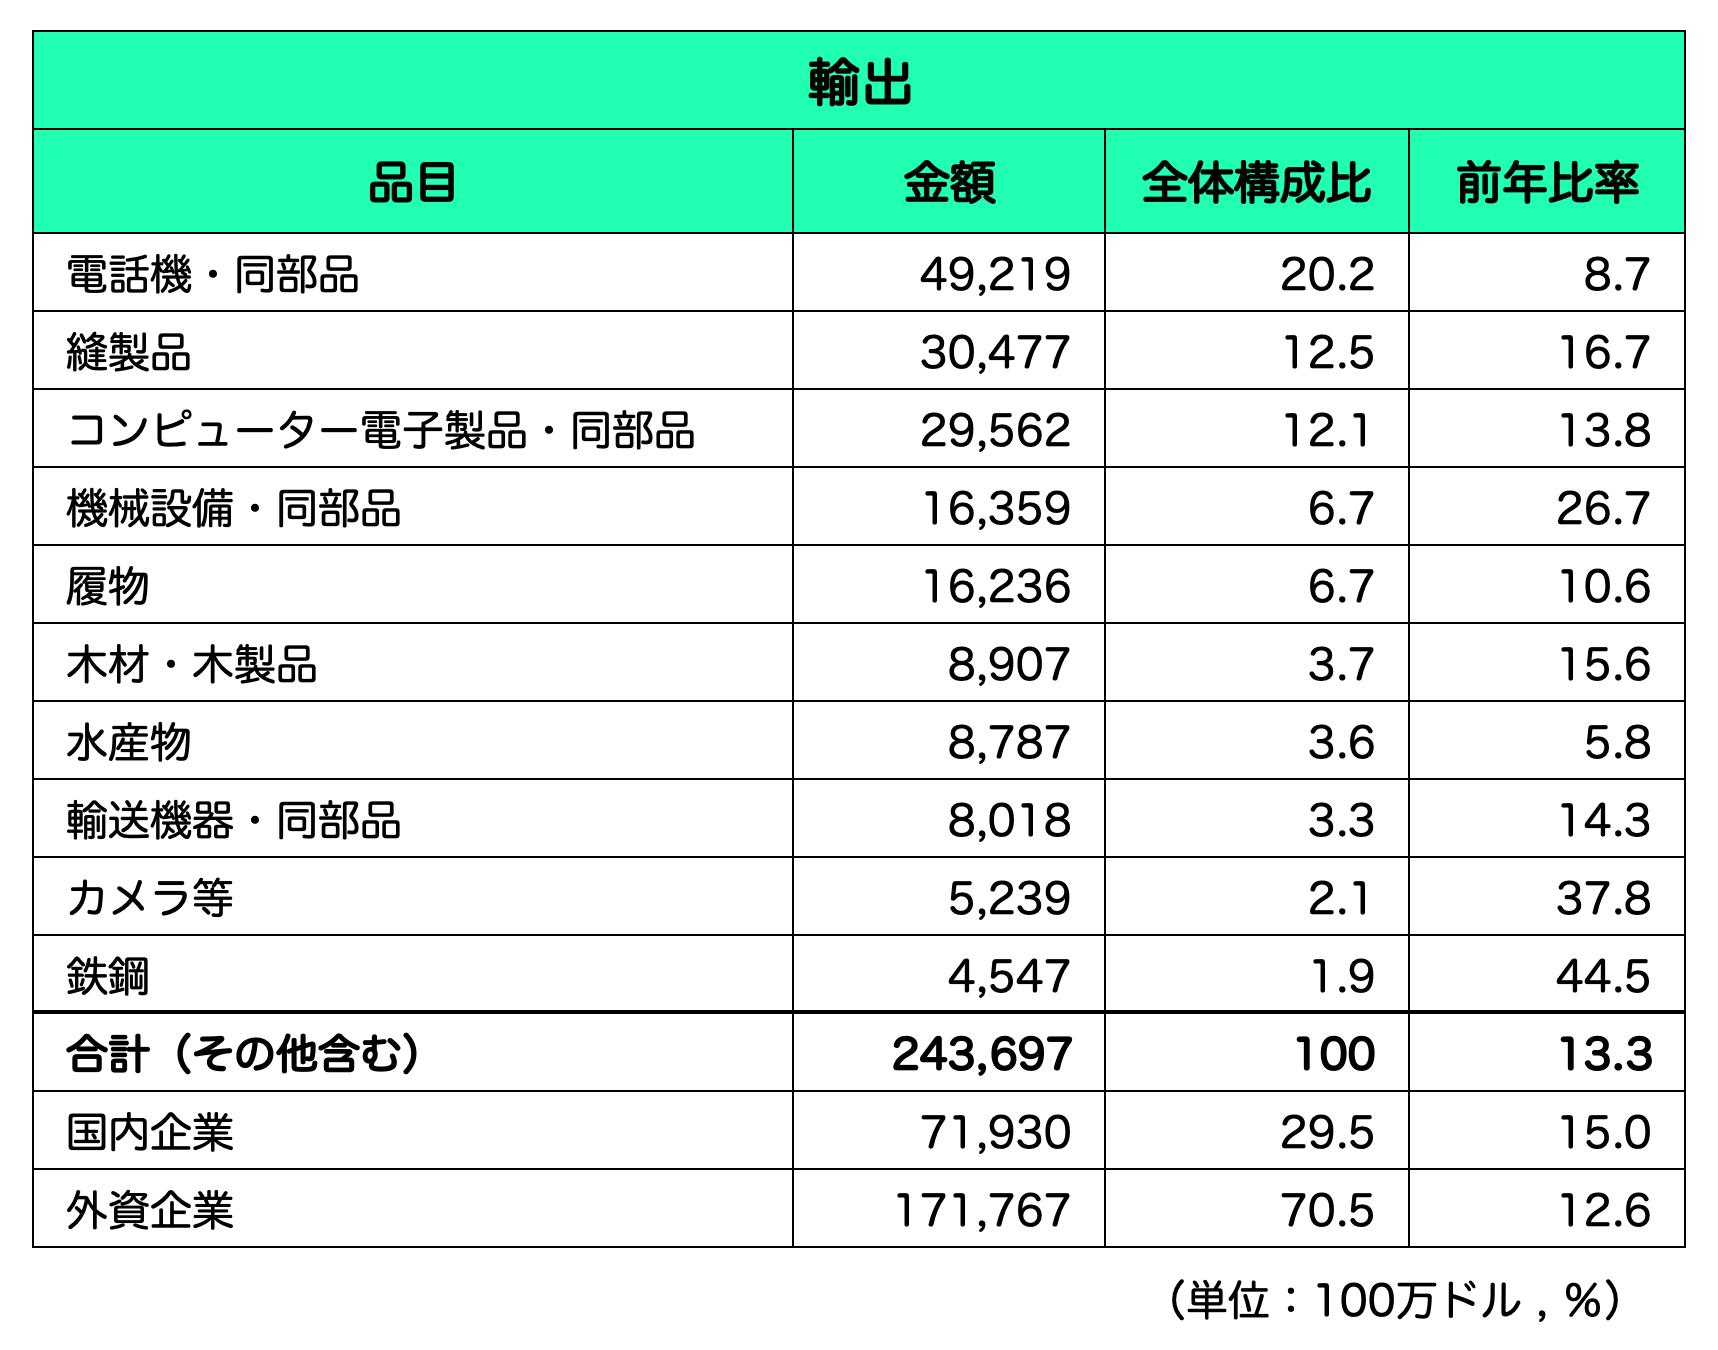 ベトナム_輸出品目